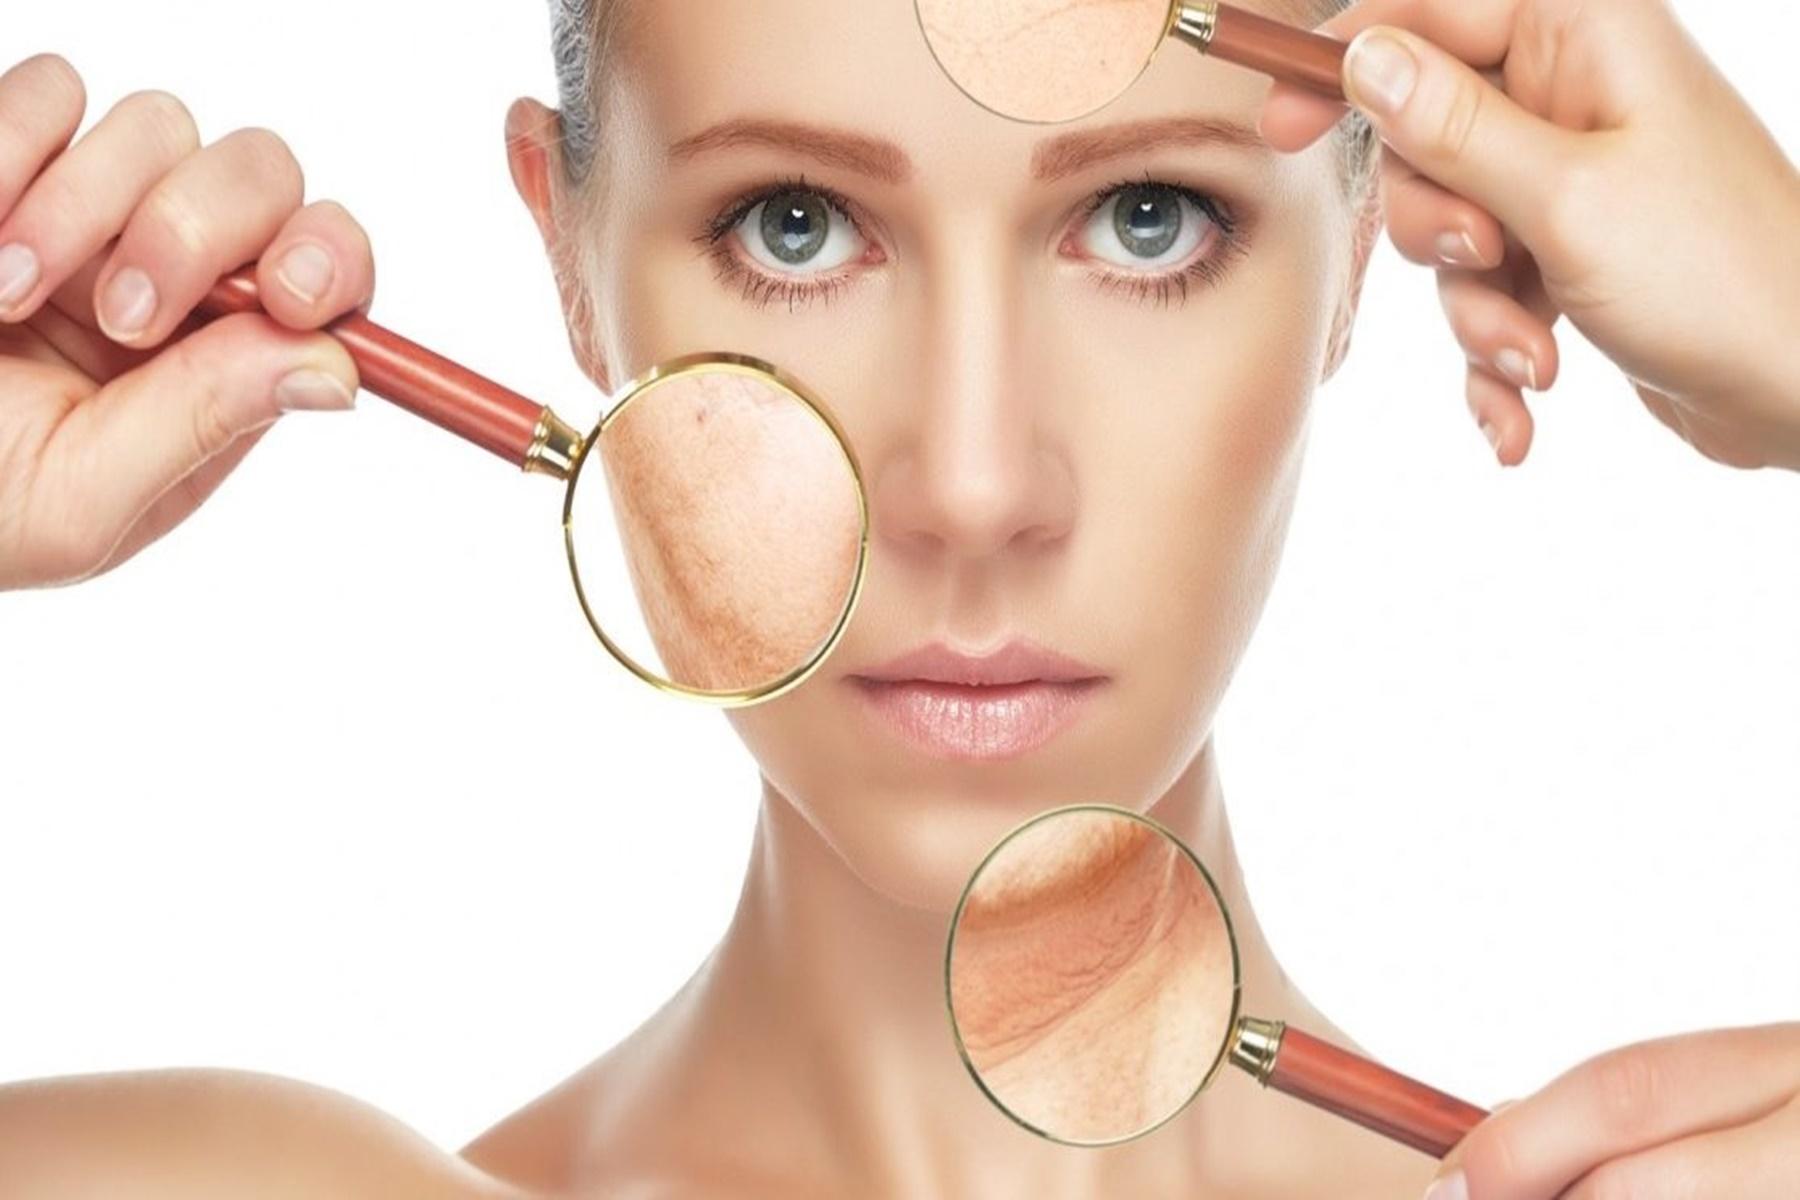 Δέρμα : Τρόποι να το φροντίσετε